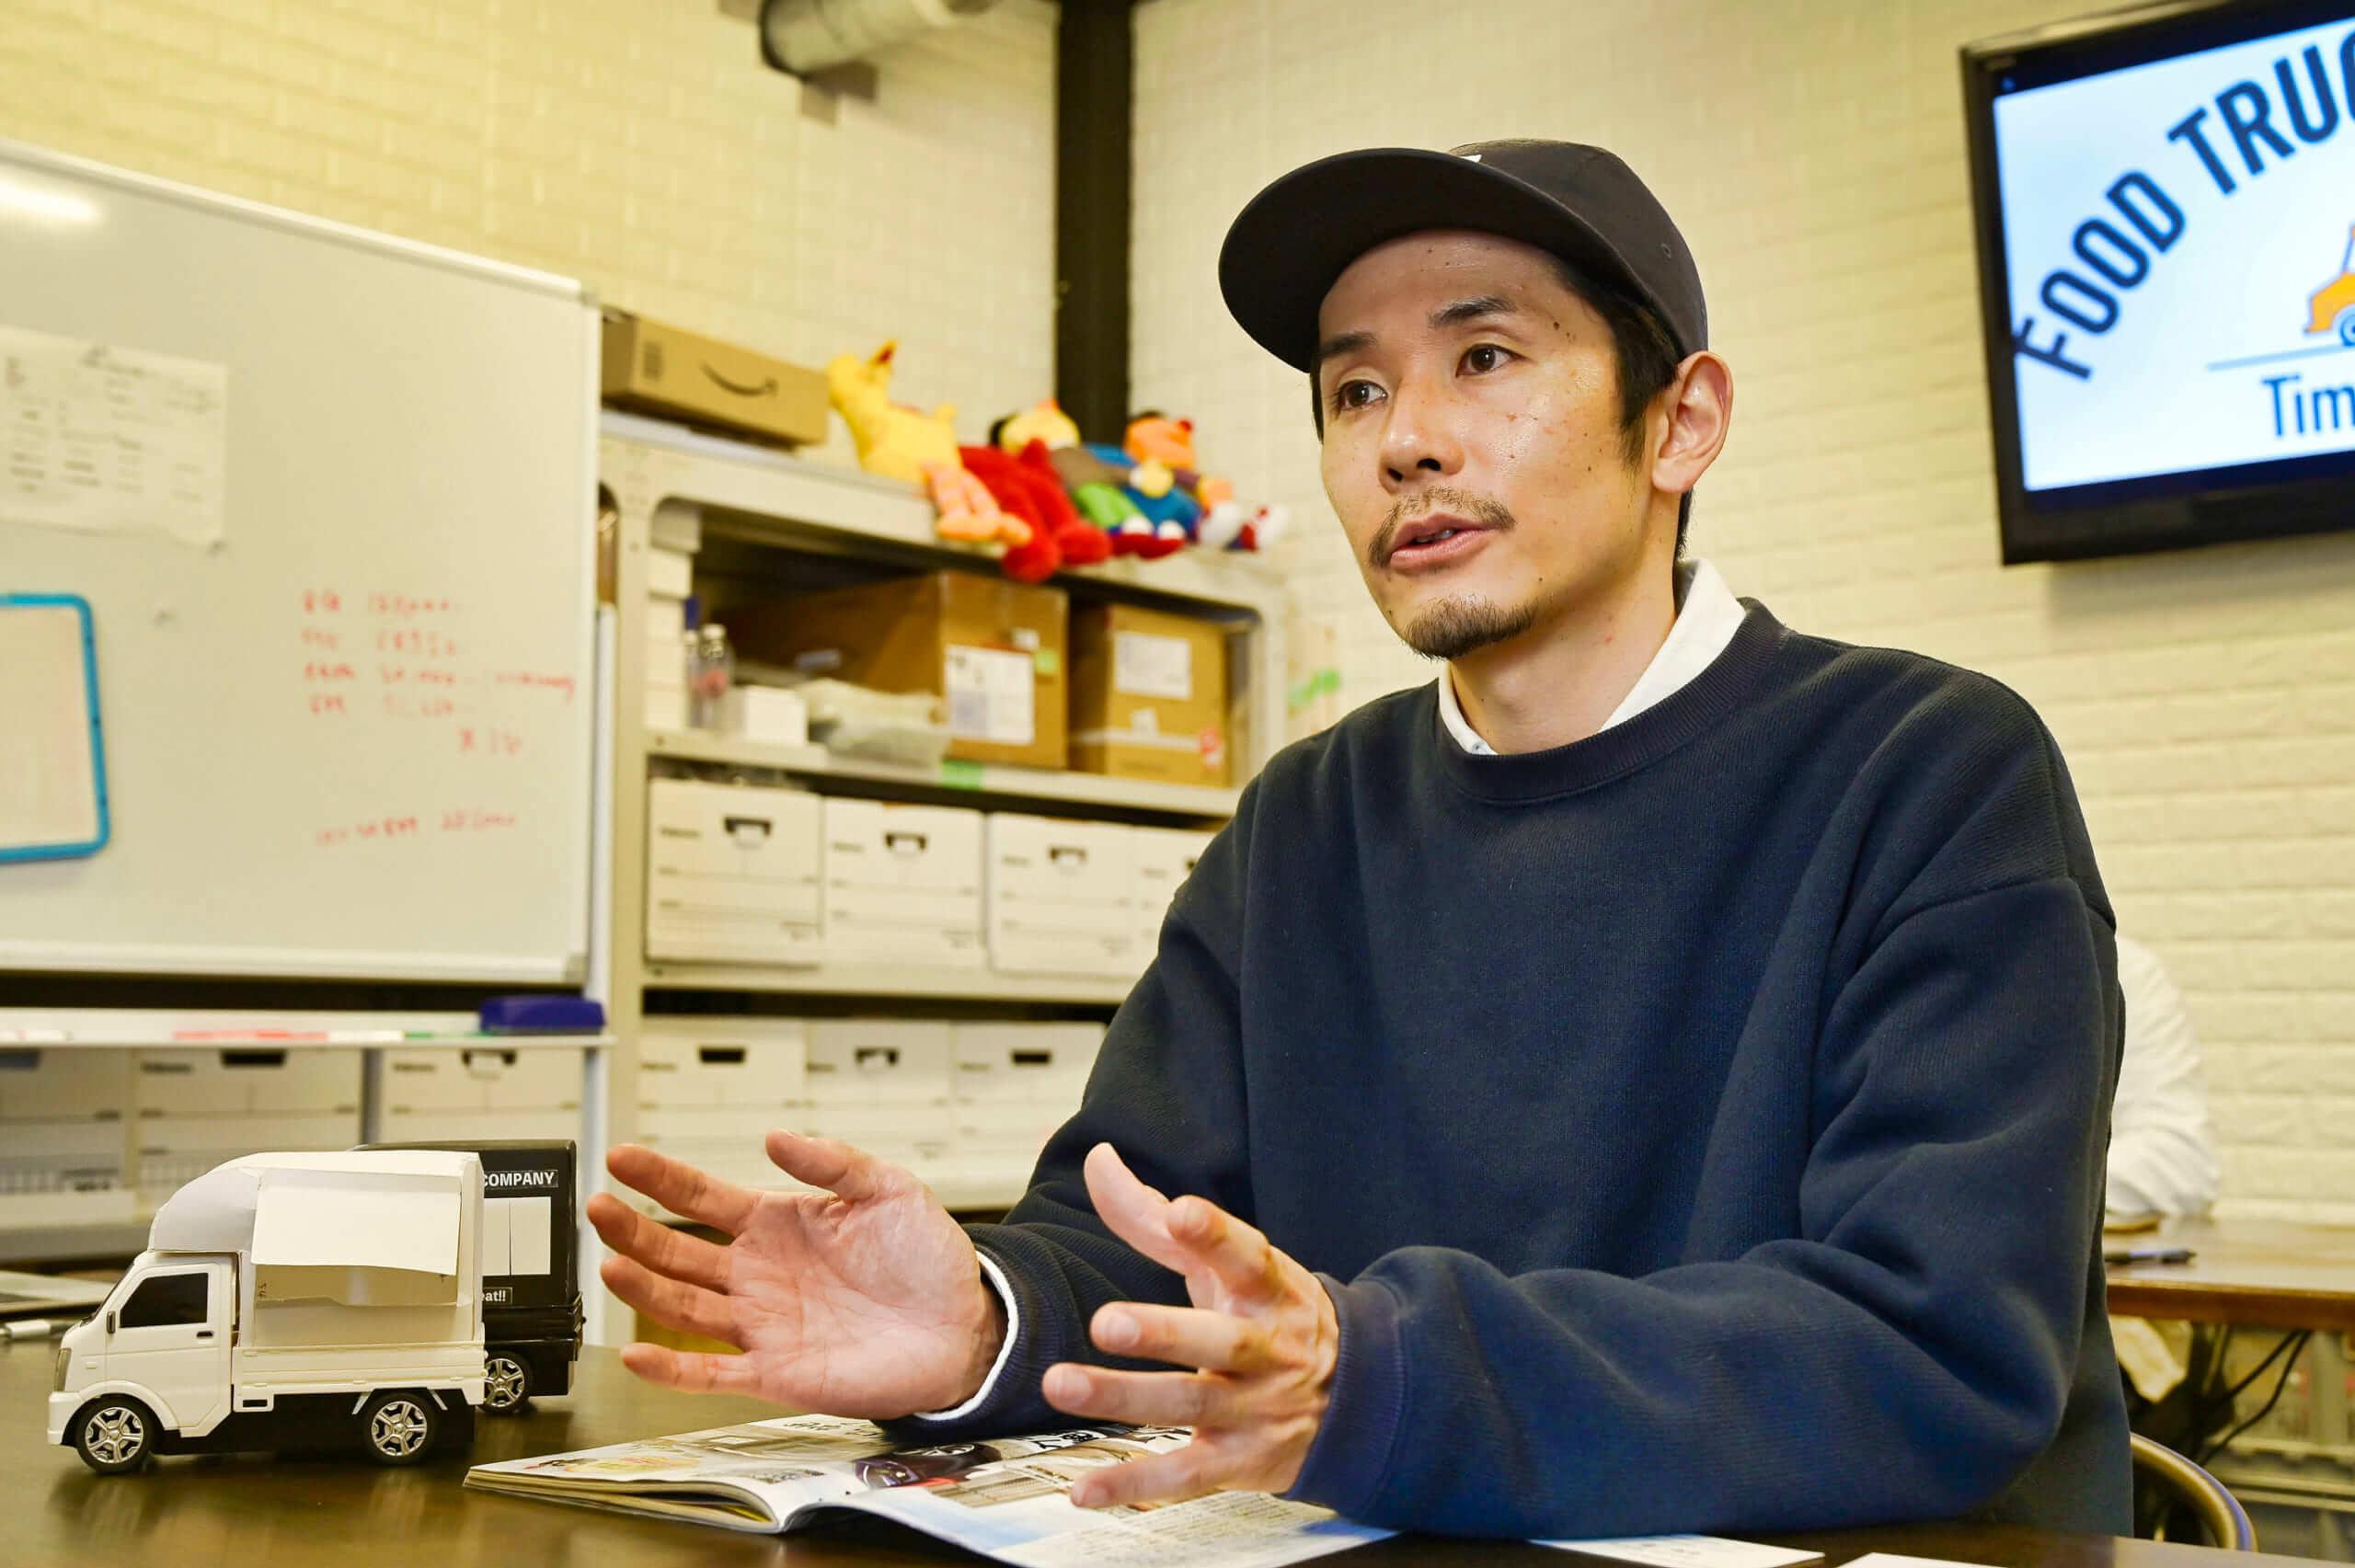 株式会社フードトラックカンパニー 代表取締役 浅葉郁男